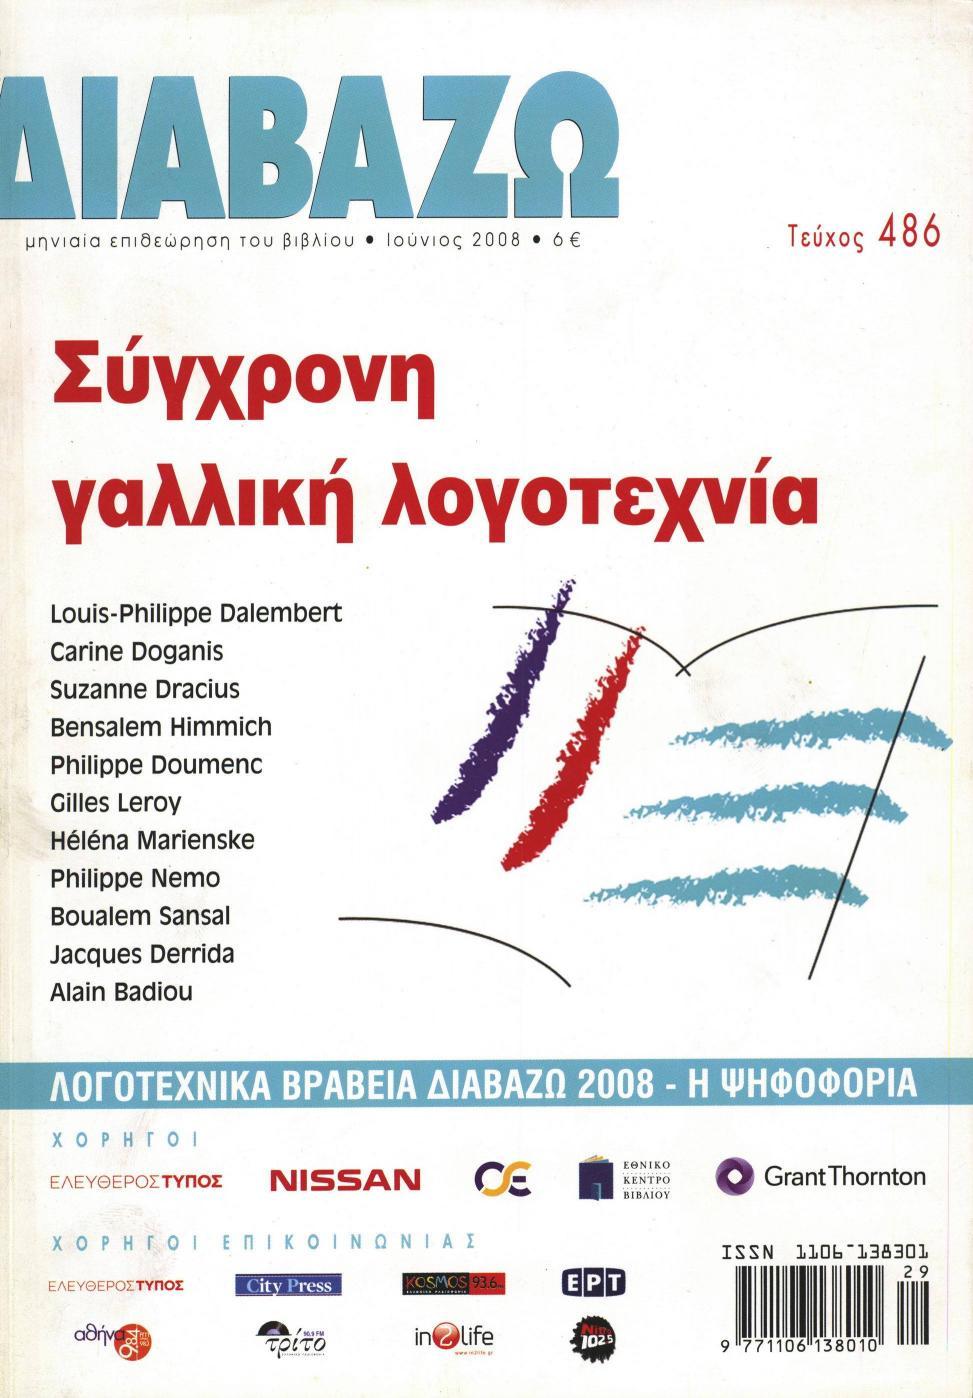 Τεύχος 486 by Diavazo.gr - issuu dddad7d98e3